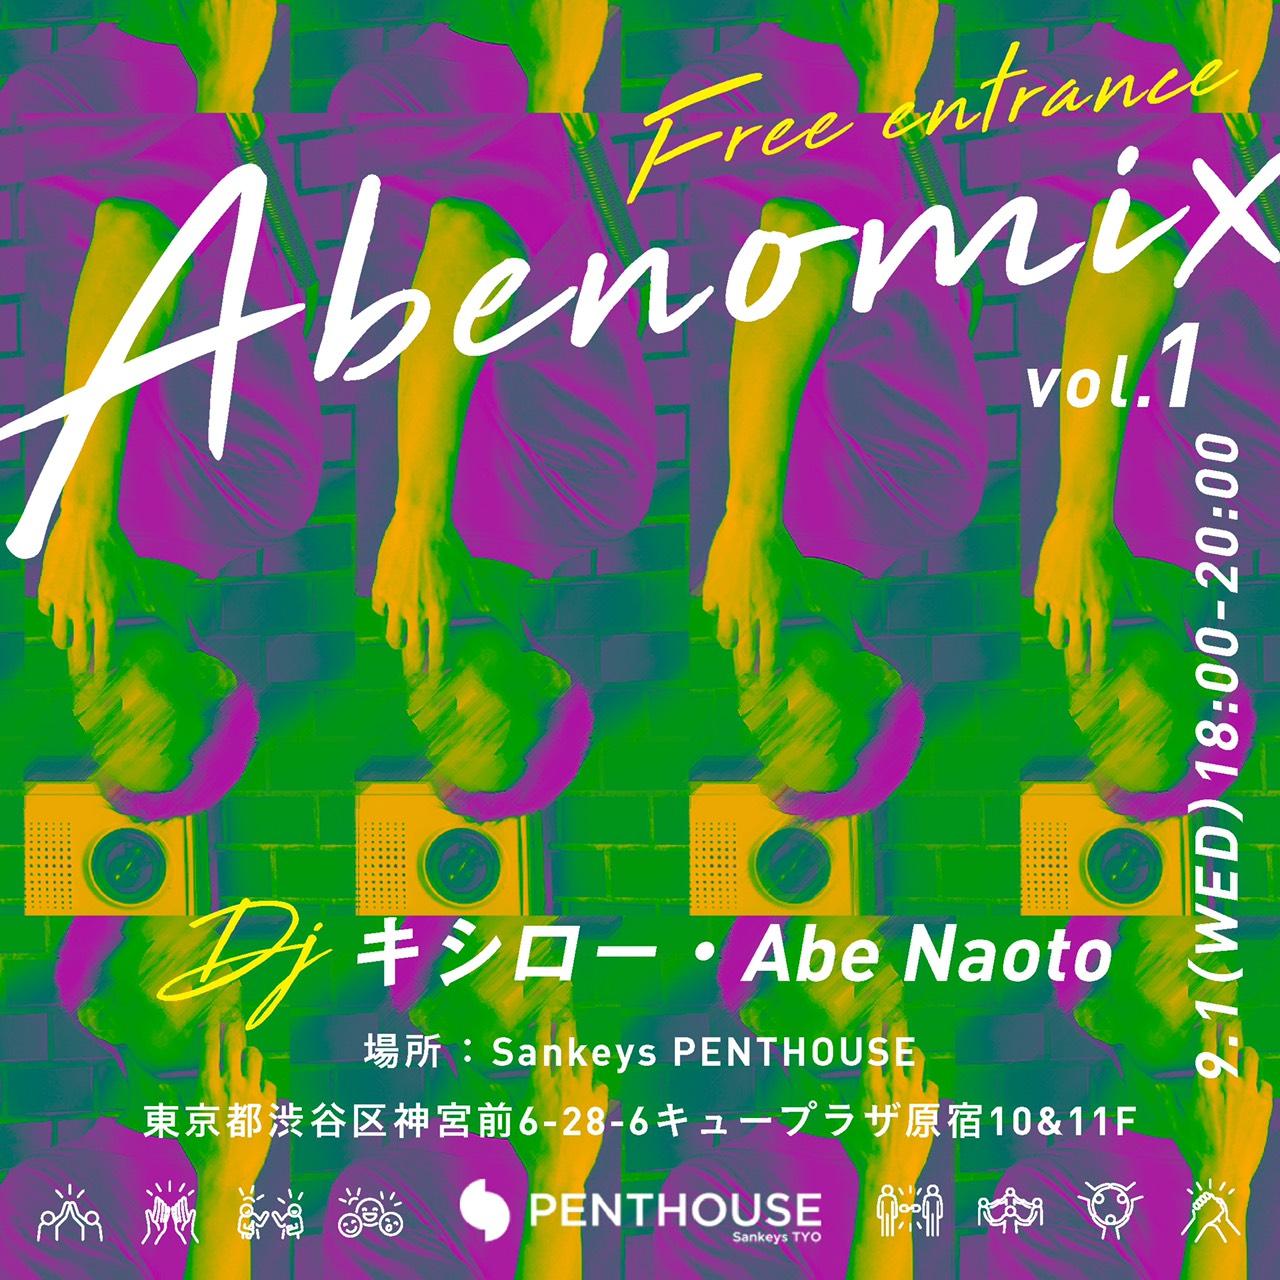 Abenomix vol.1